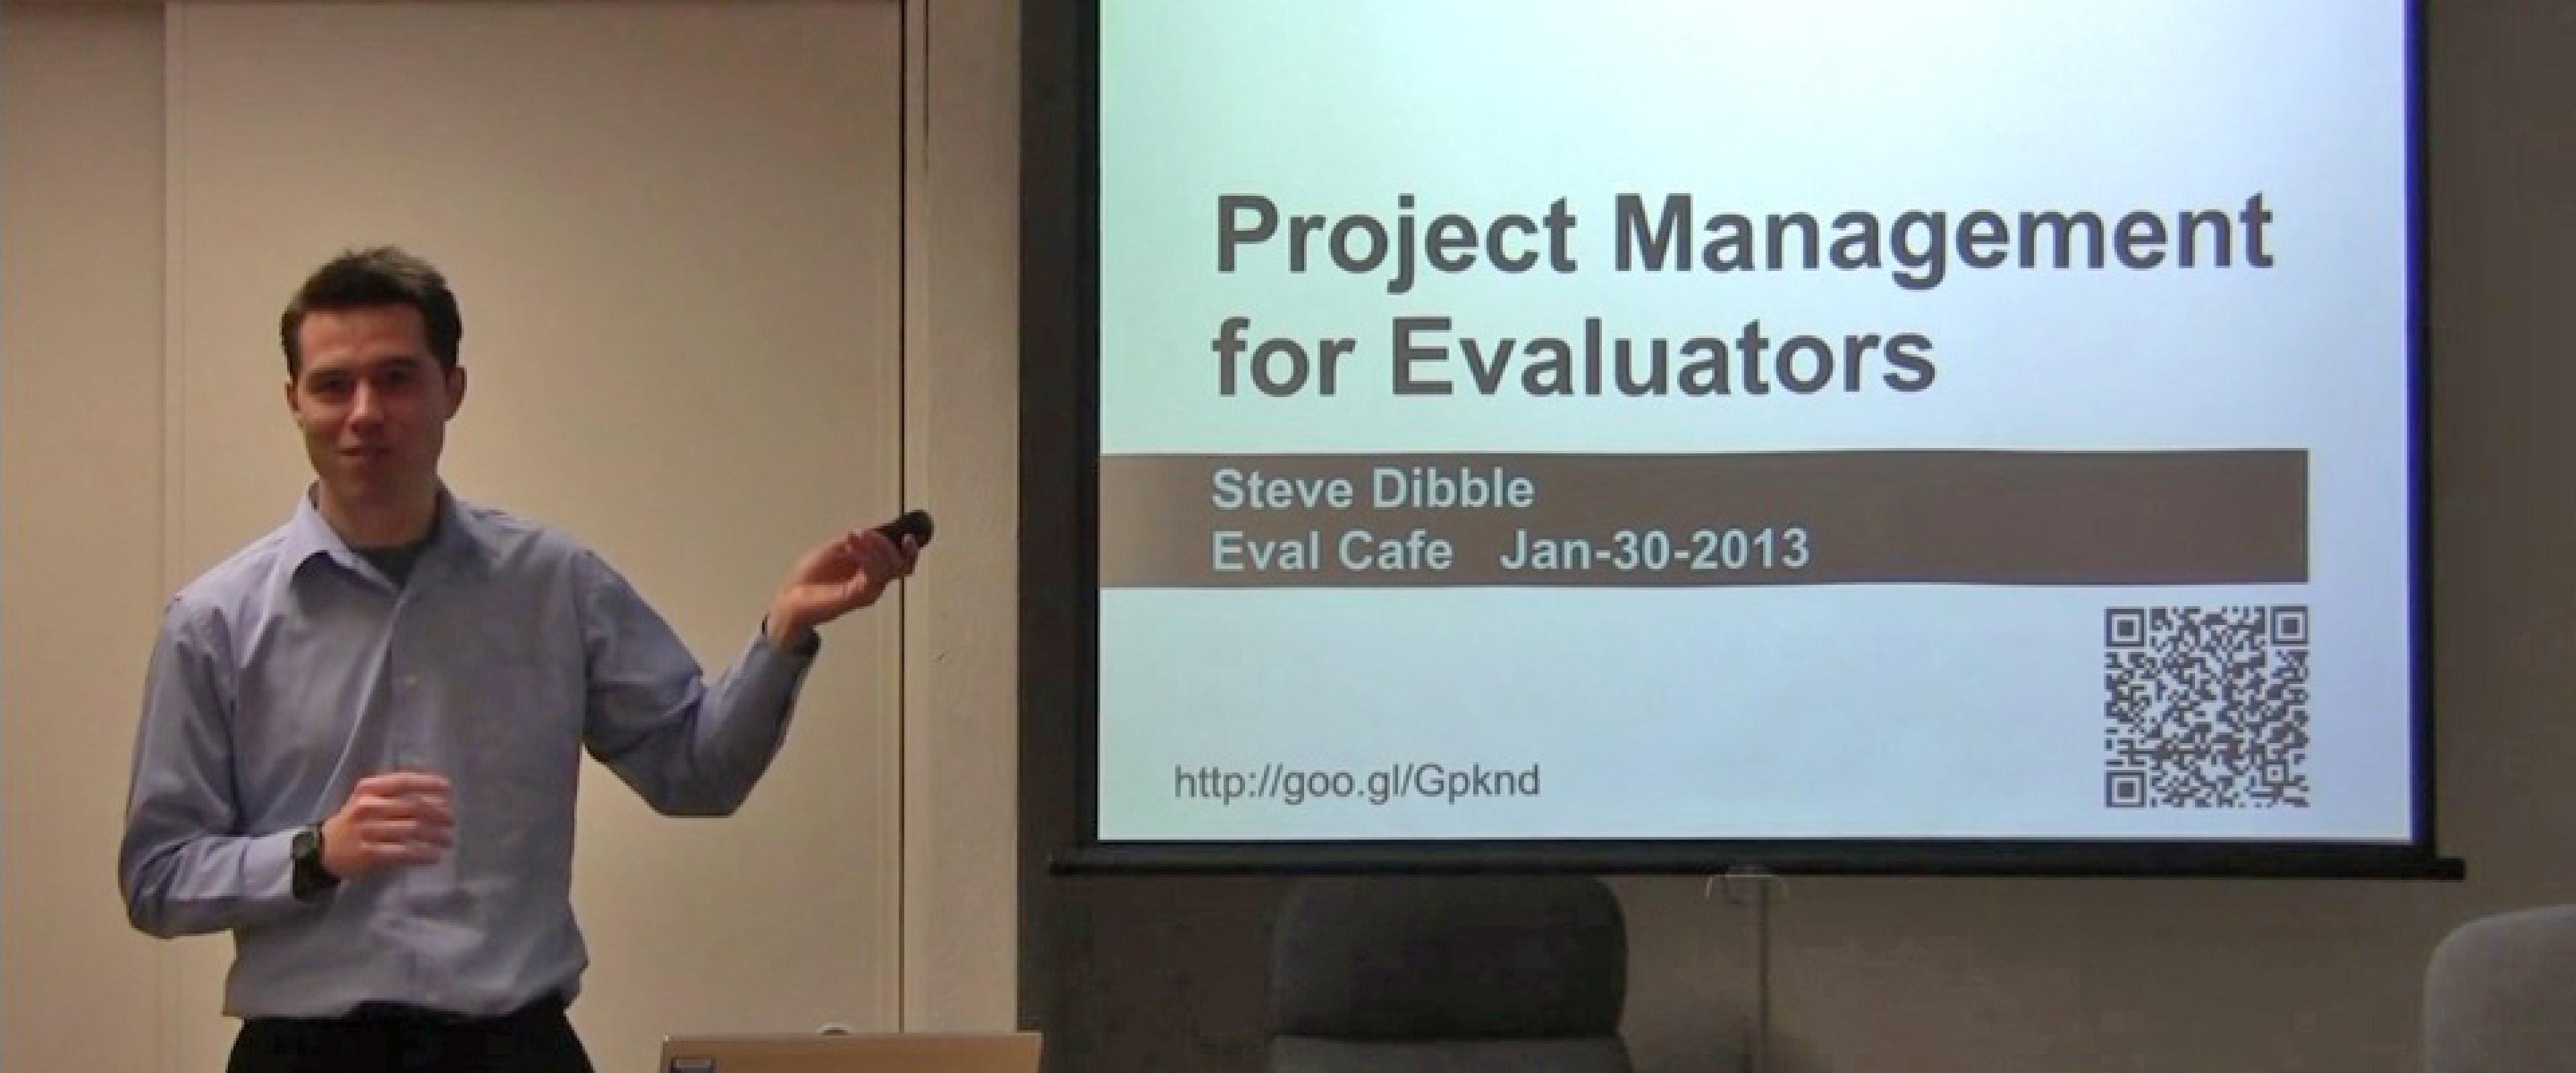 Steven Dibble giving presentation.